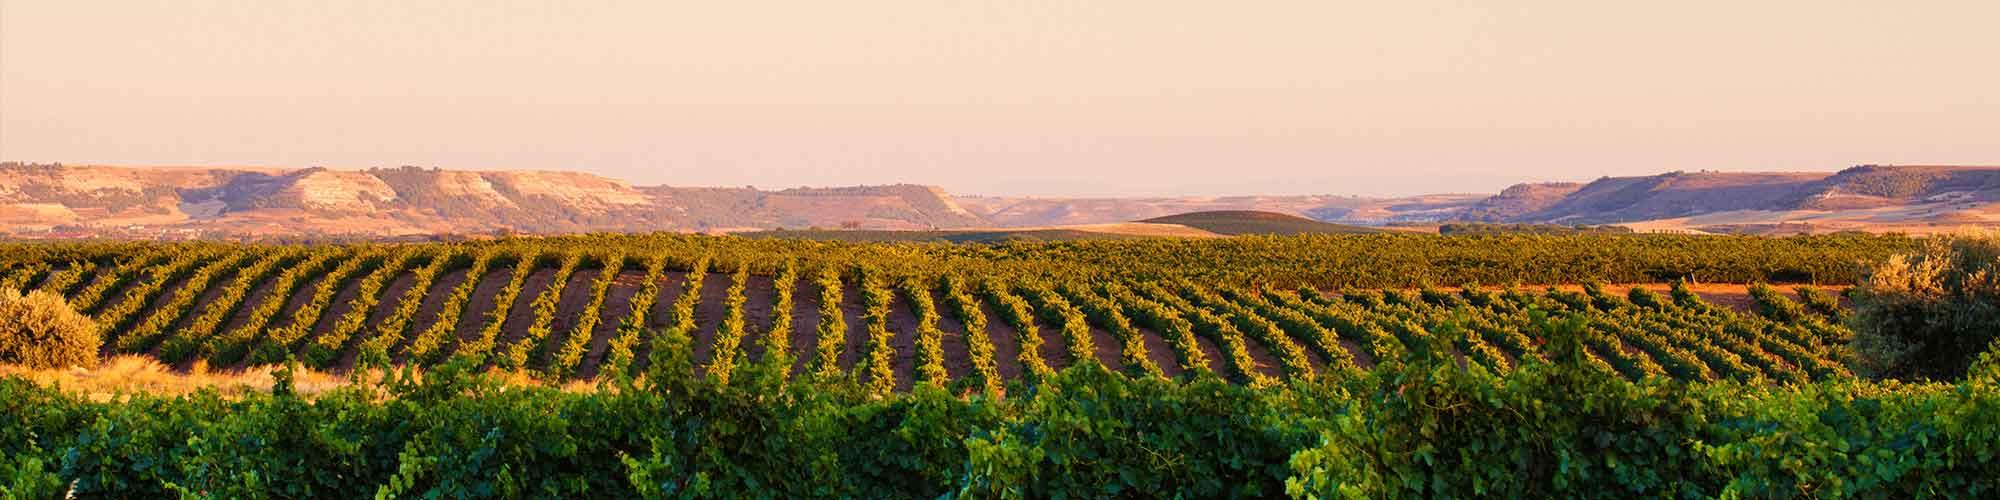 Ruta del vino por la Ribera del Duero - EL PAÍS Viajes